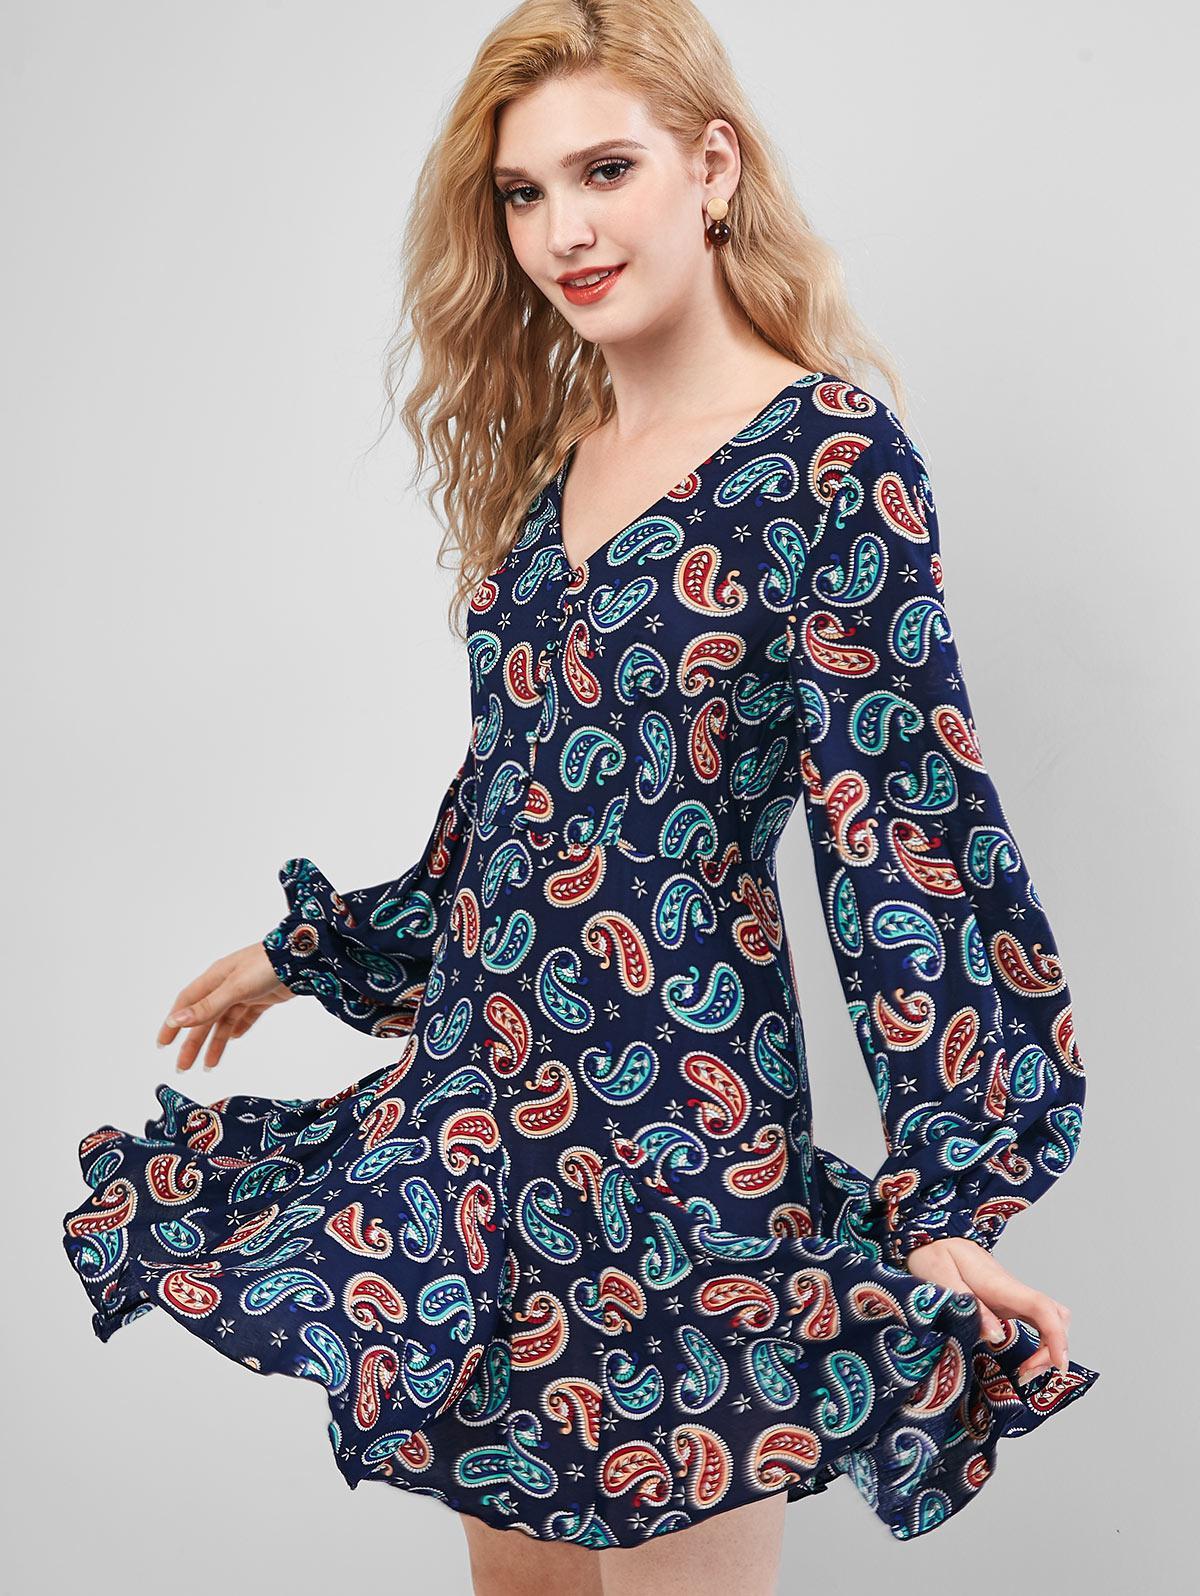 ZAFUL Paisley Print Buttons Mini Flare Dress фото